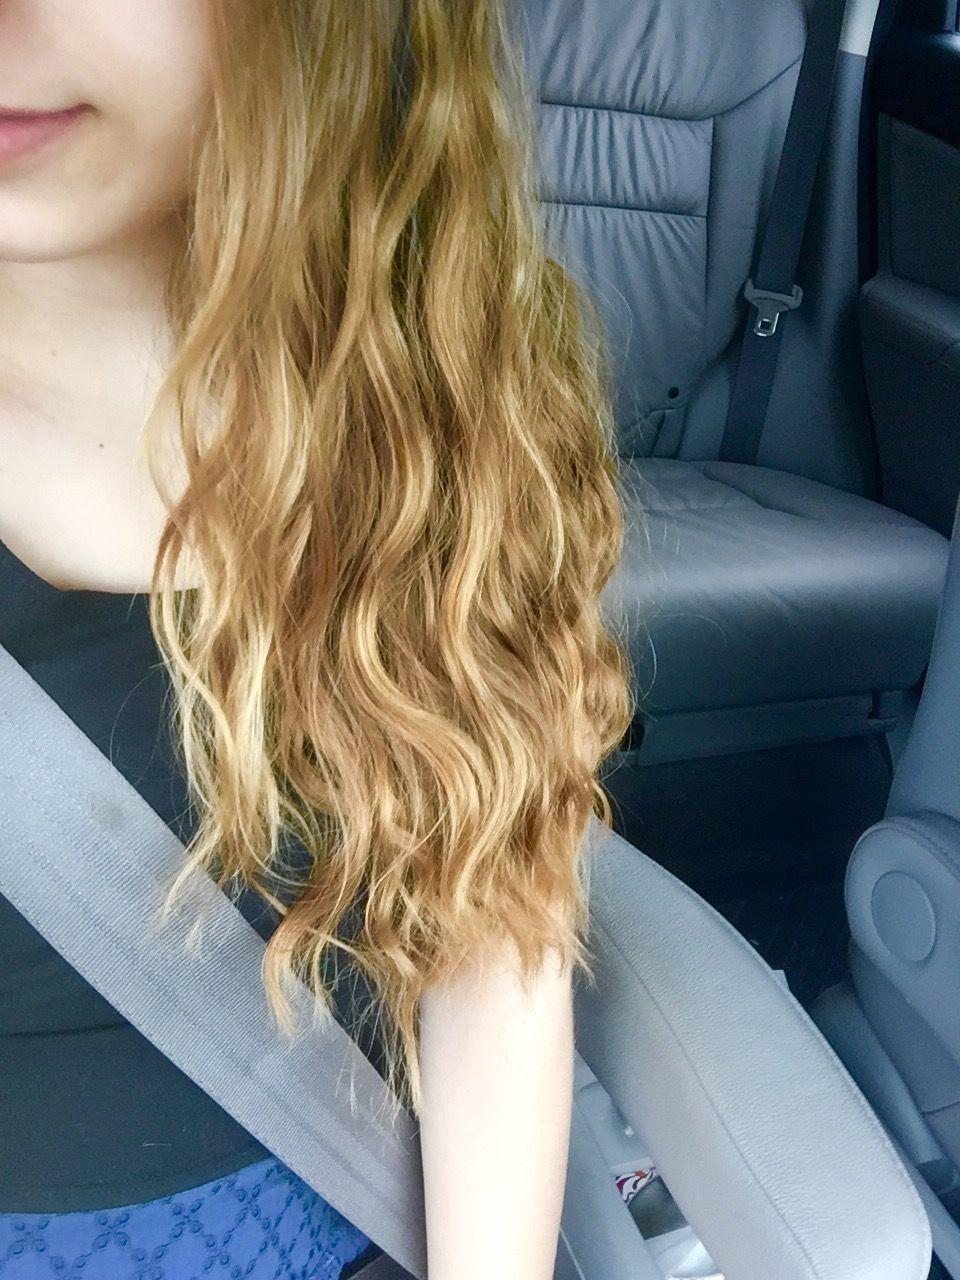 perfect beach waves: 1) dampen hair 2) apply a light misting of beach spray or light hair spray 3) braid hair into 2 Dutch braids 4) sleep... perfect waves!